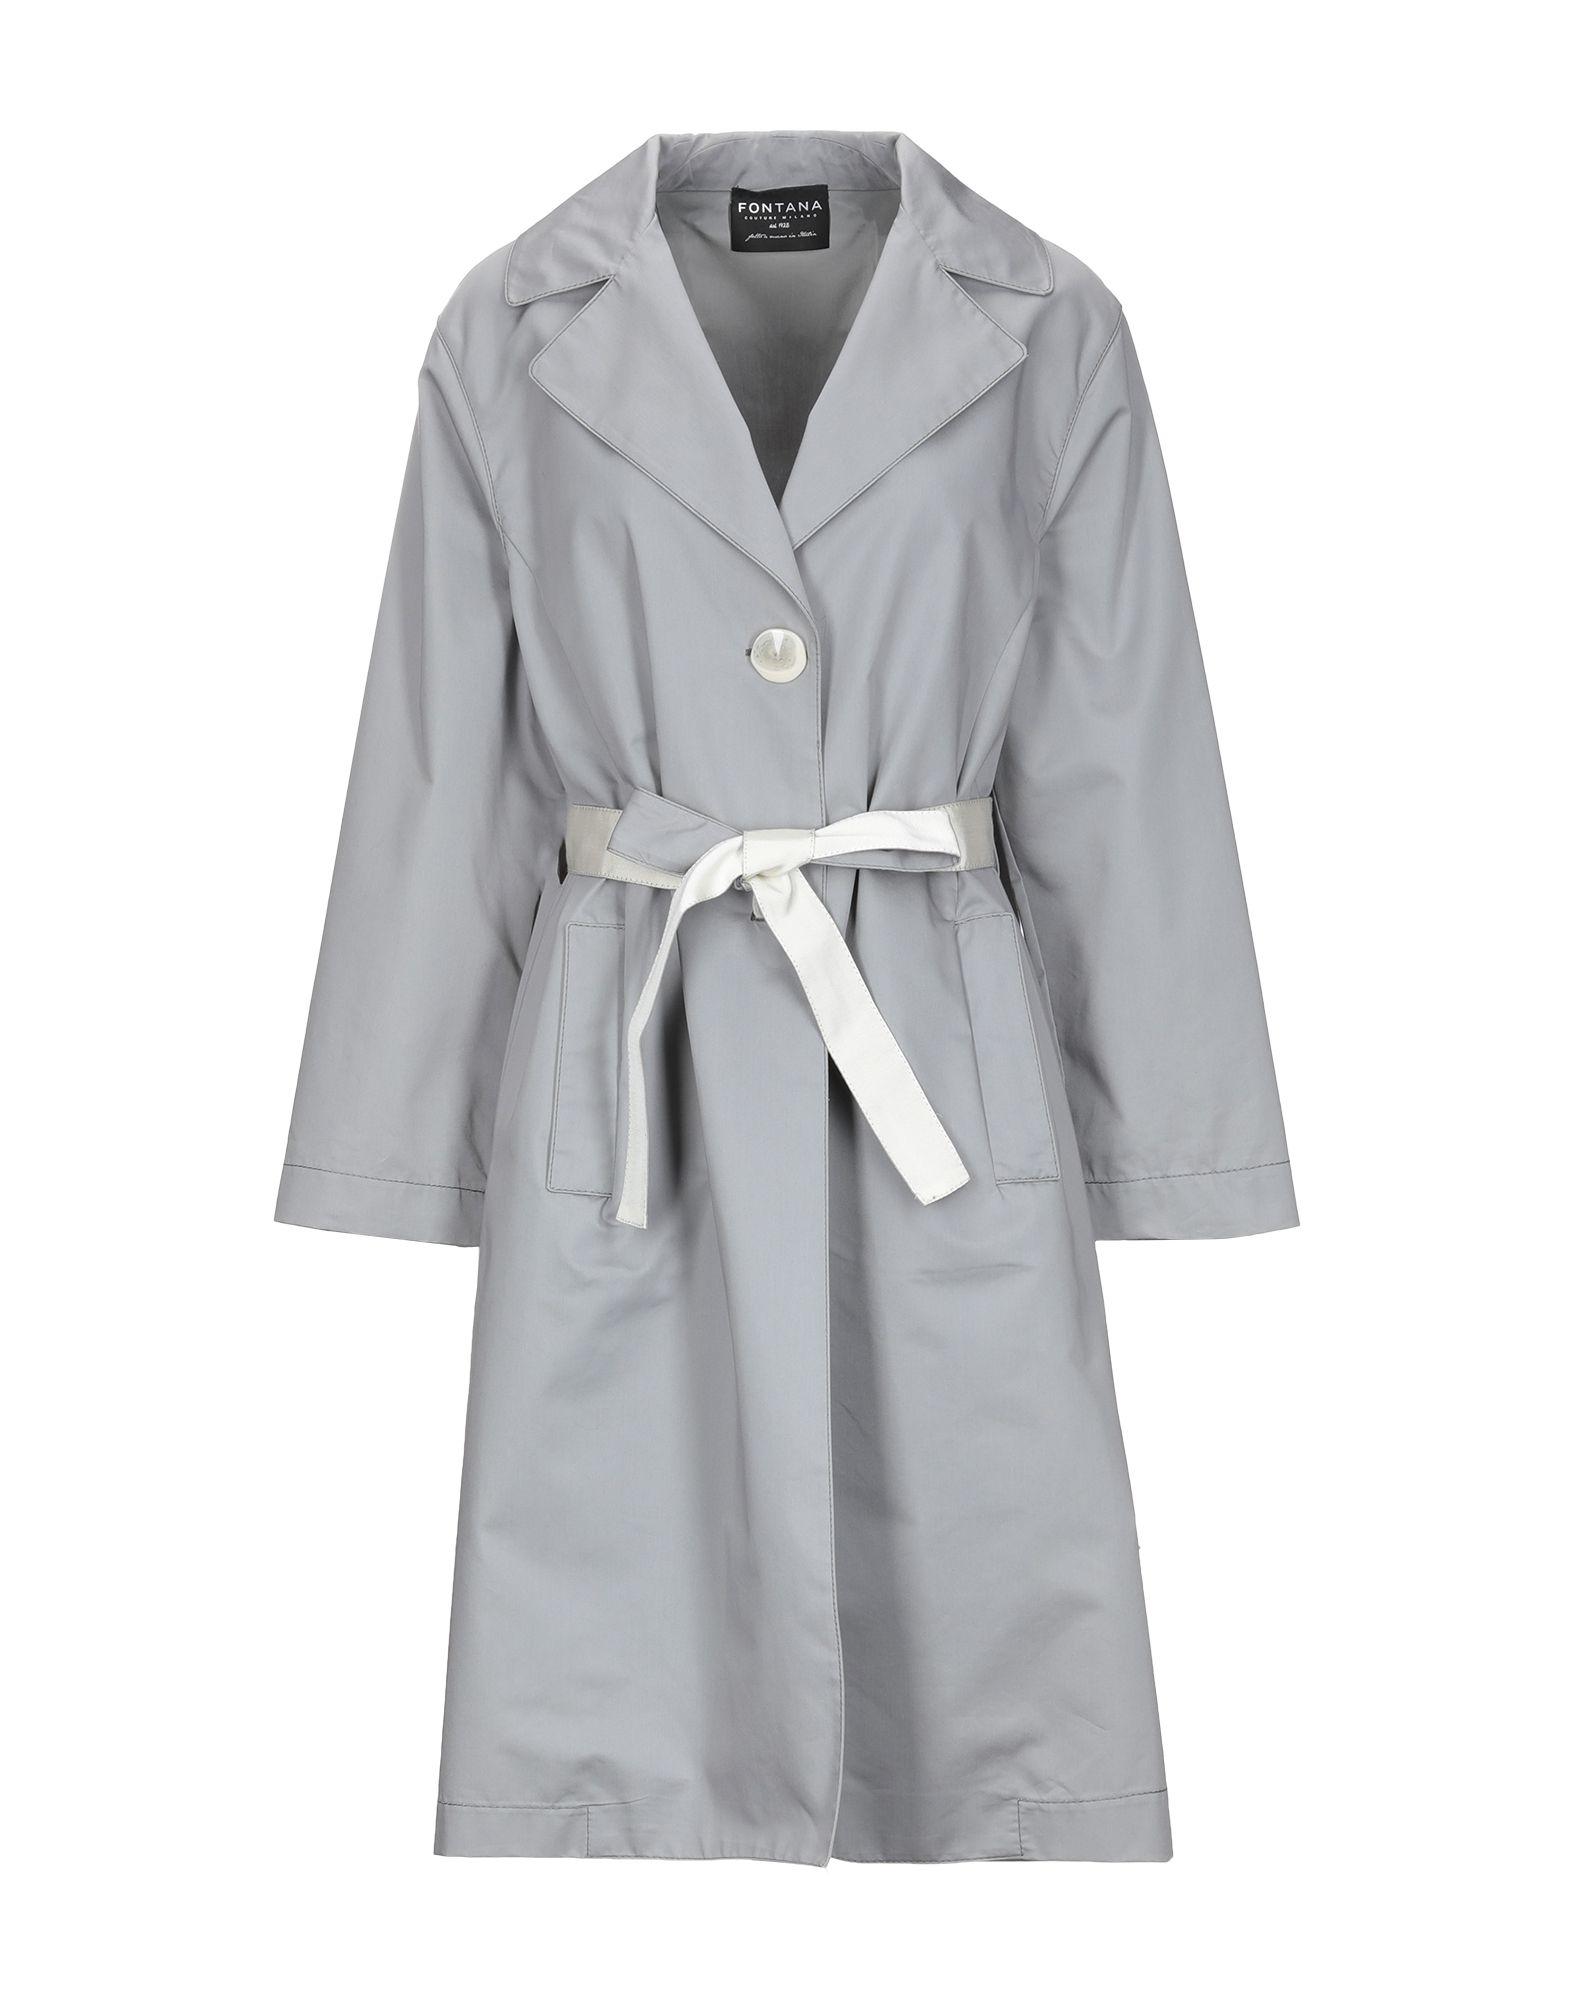 Фото - FONTANA COUTURE Легкое пальто fontana couture кардиган